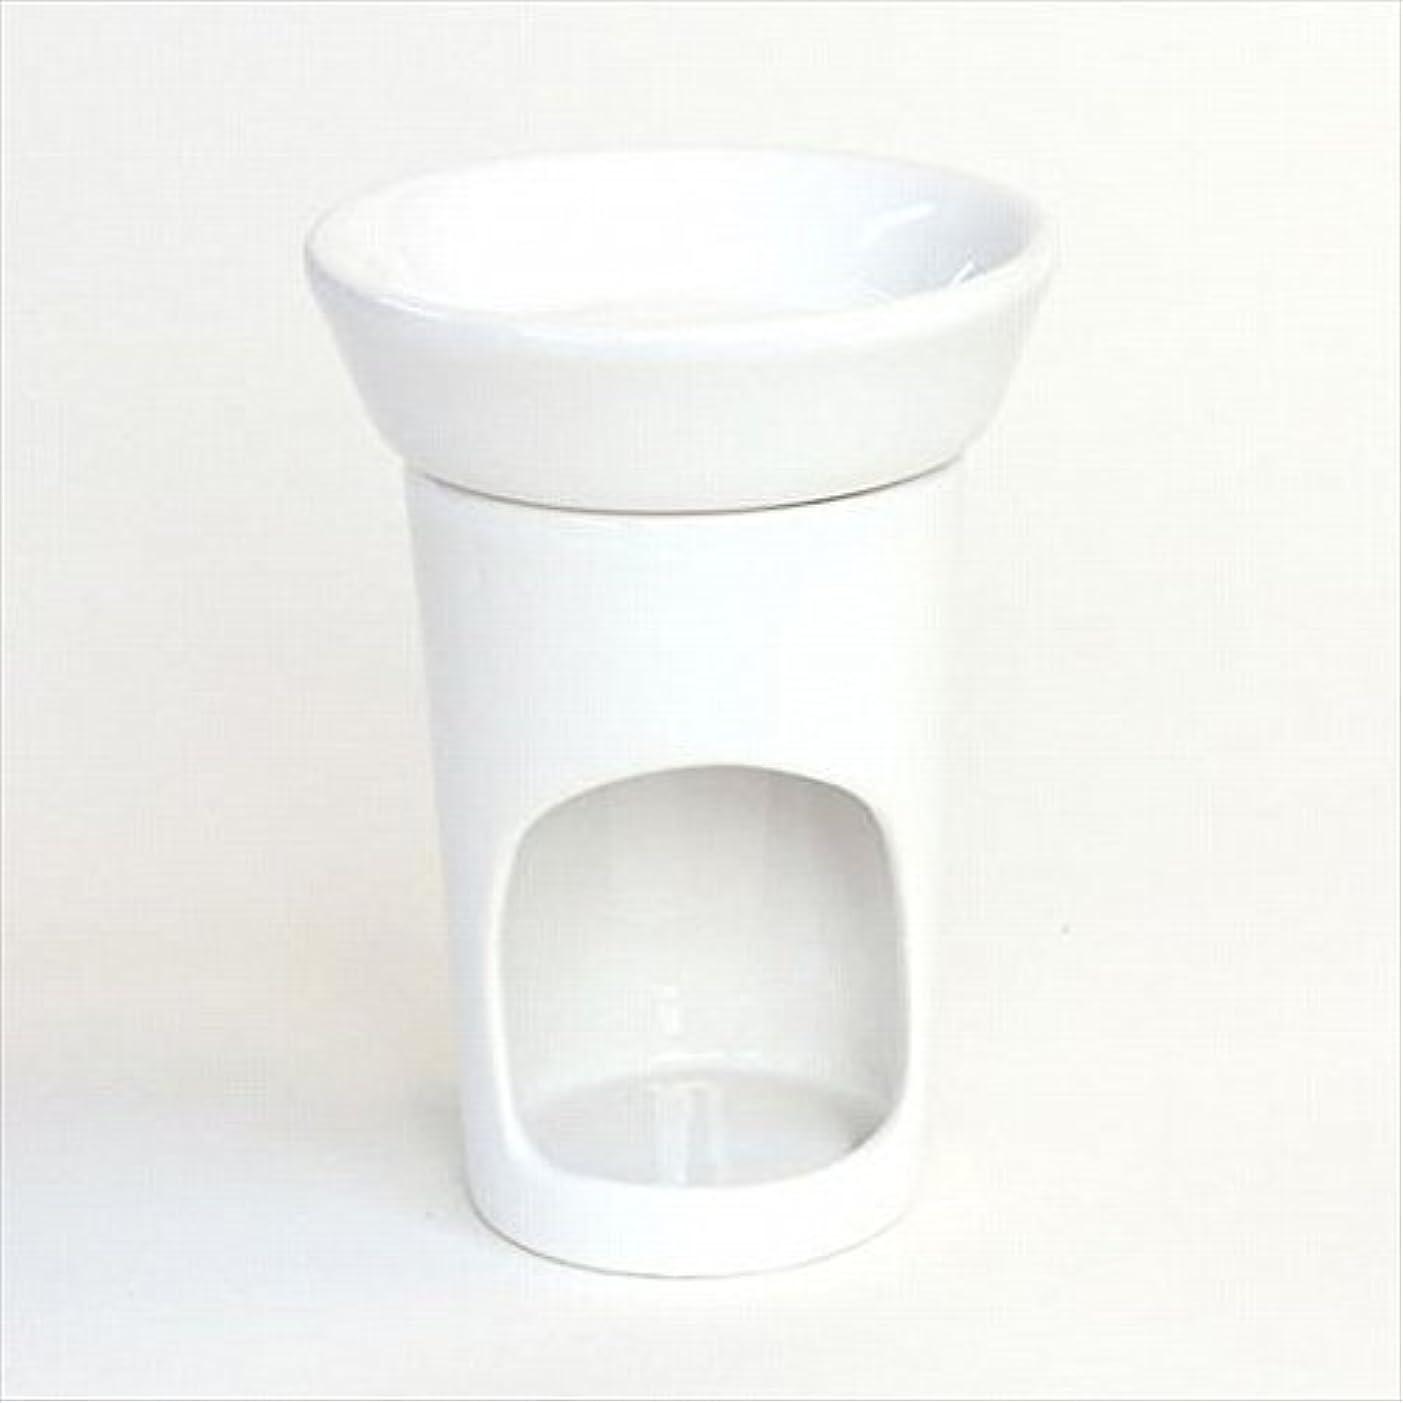 タオルペニーアストロラーベkameyama candle(カメヤマキャンドル) ブランタルトウォーマー キャンドル 78x78x116mm (J5250000)